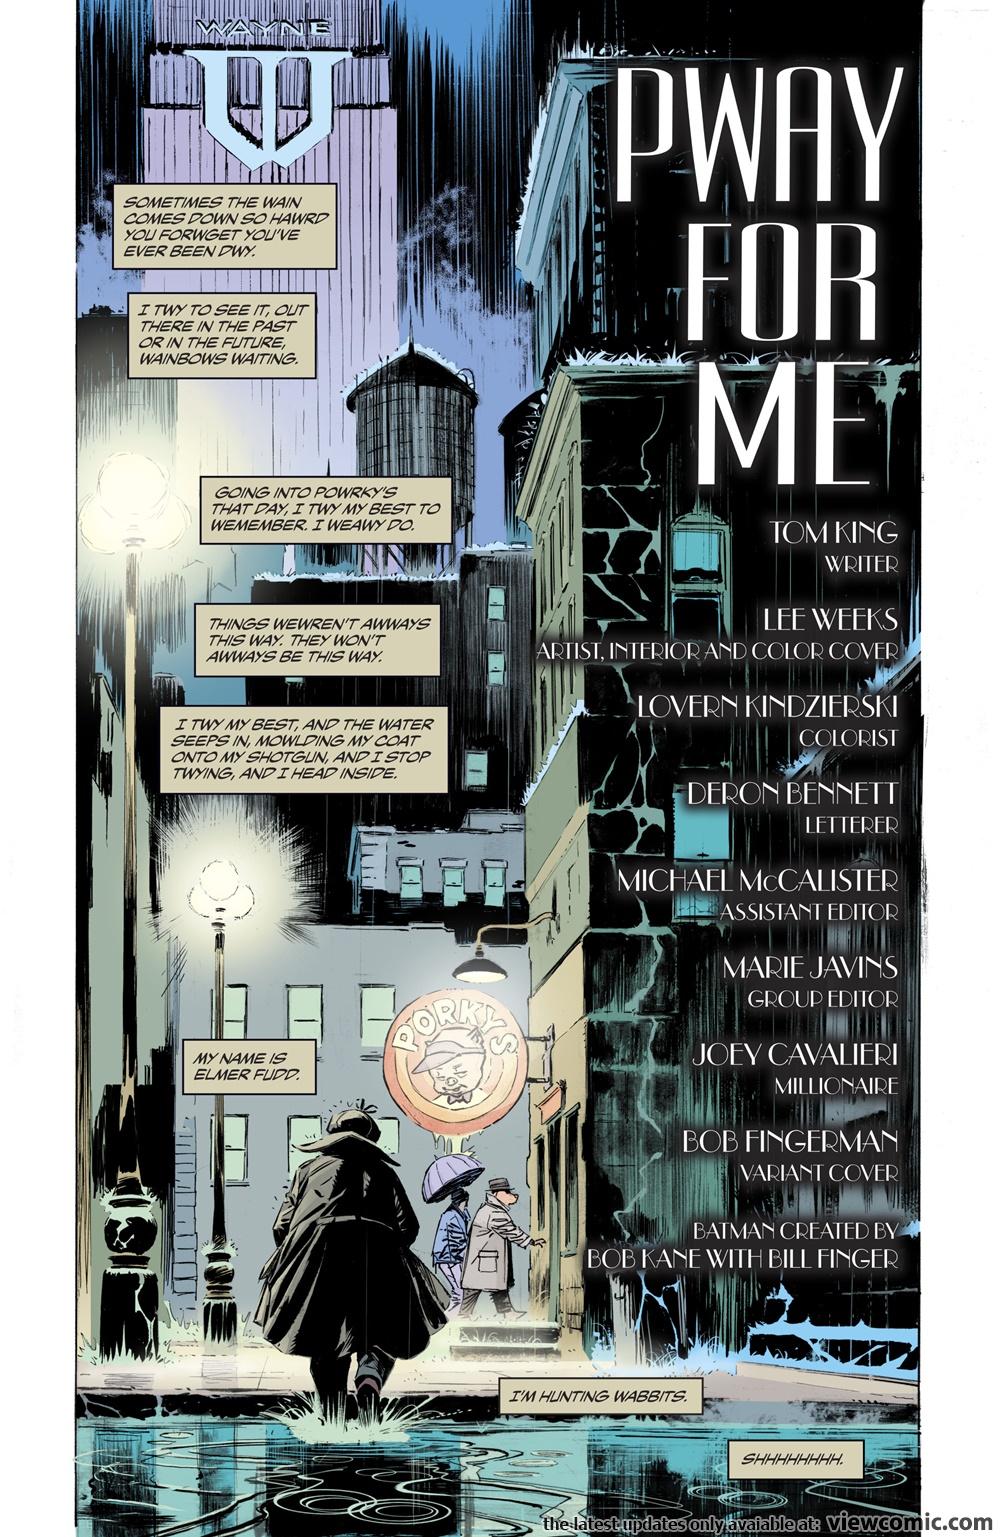 batman elmer fudd special 001 2017 reading comics online for free